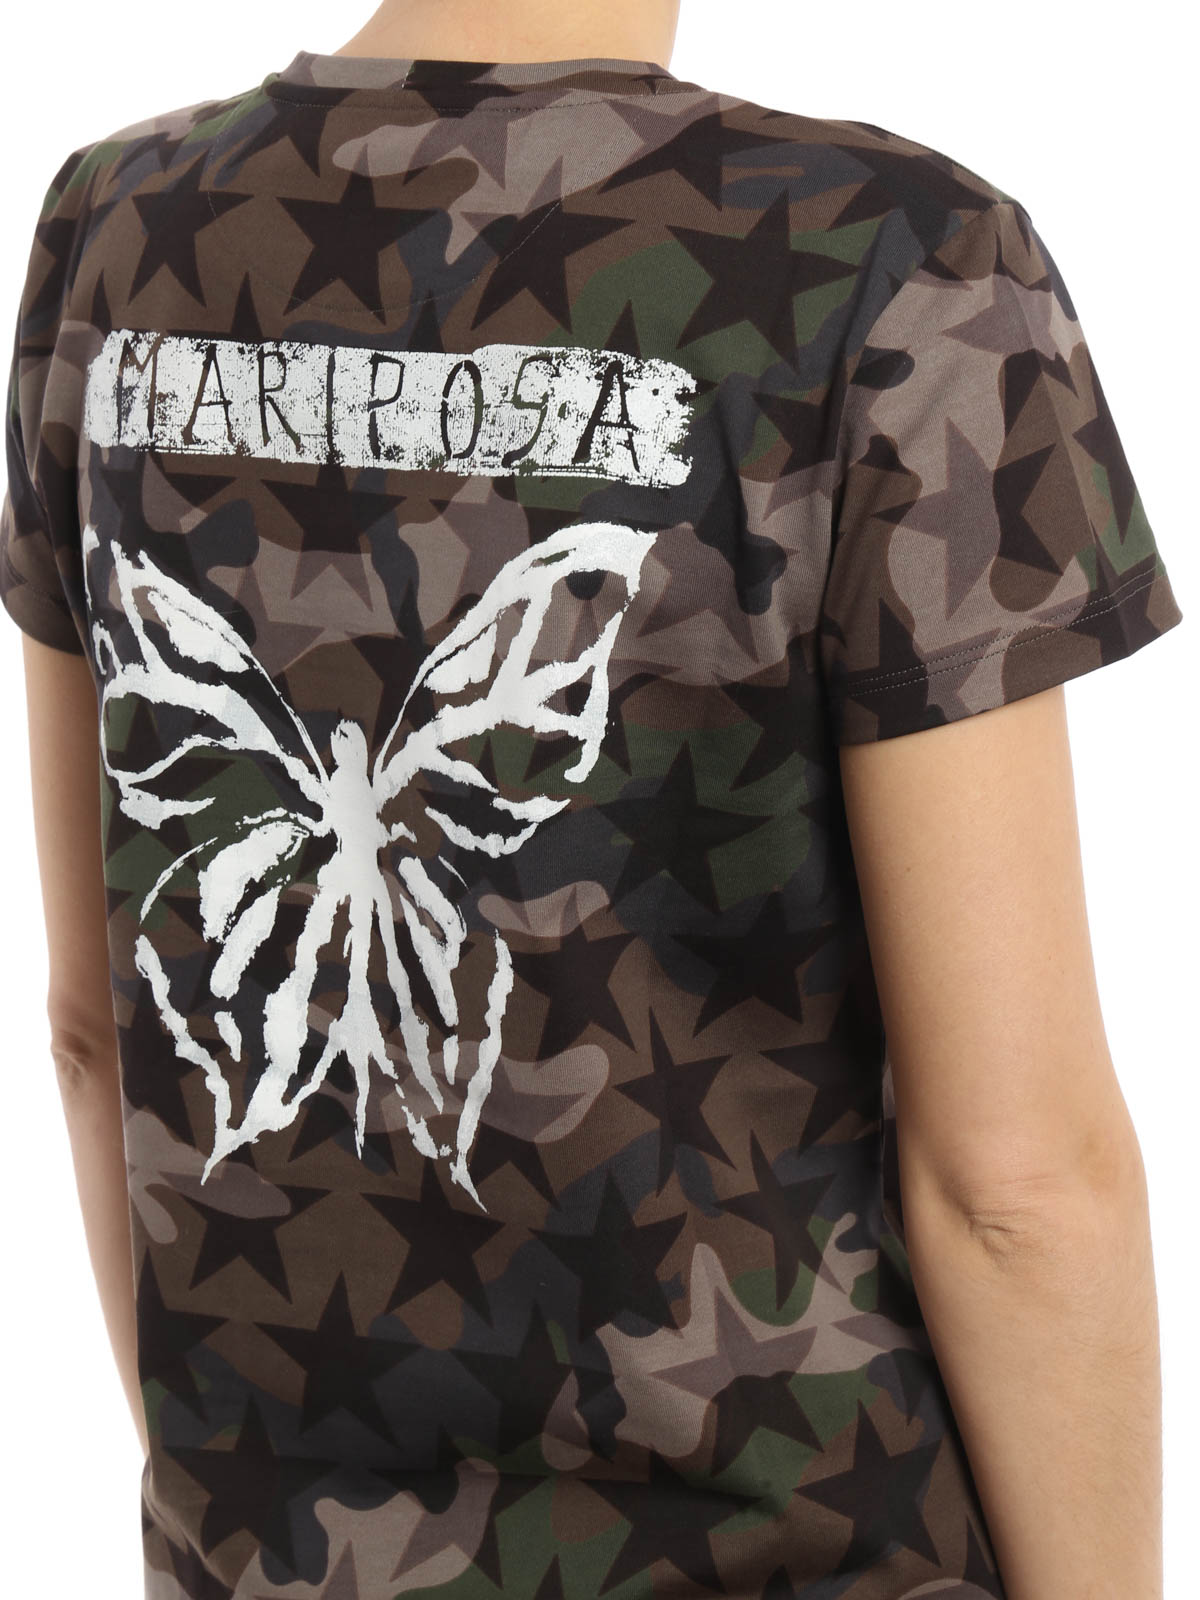 Valentino buy online Camustars Mariposa T-shirt